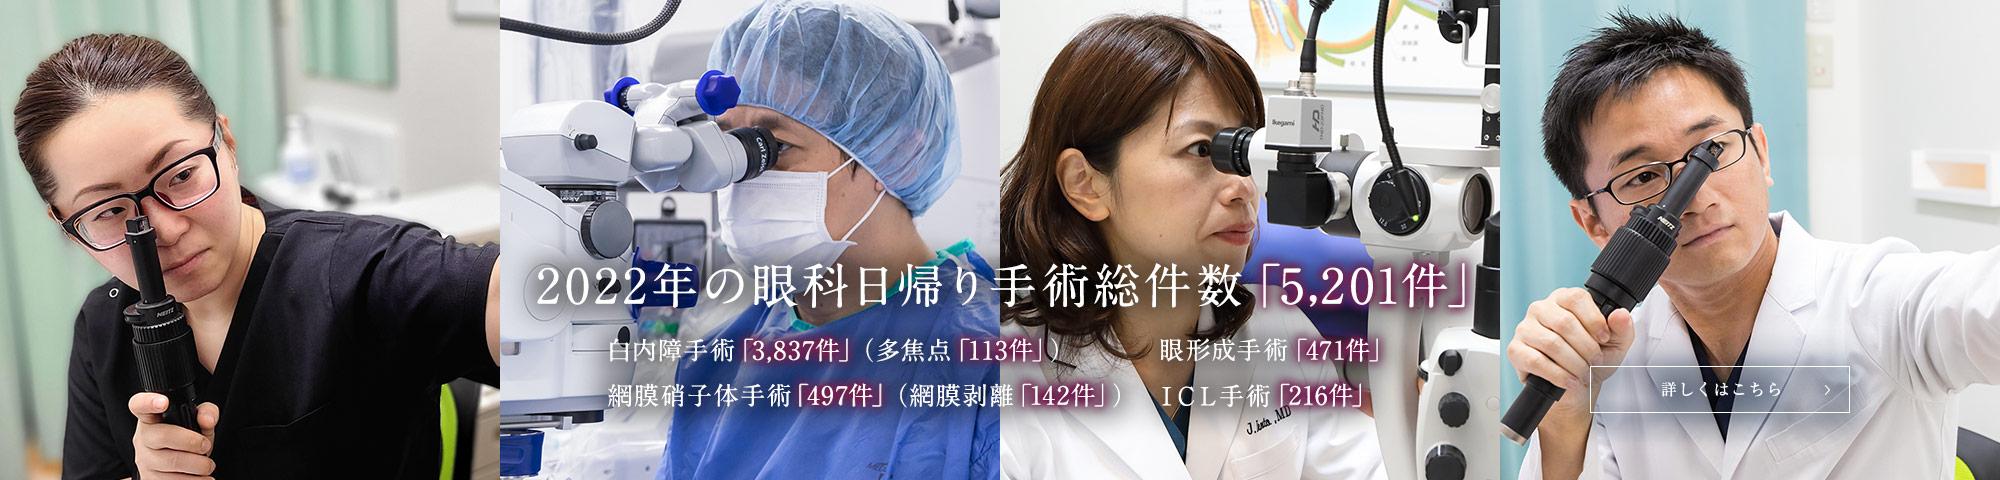 2019年の眼科手術件数「3,544件」白内障手術「2,785件」(多焦点「388件」) 網膜硝子体手術「387件」 眼瞼形成手術「289件」